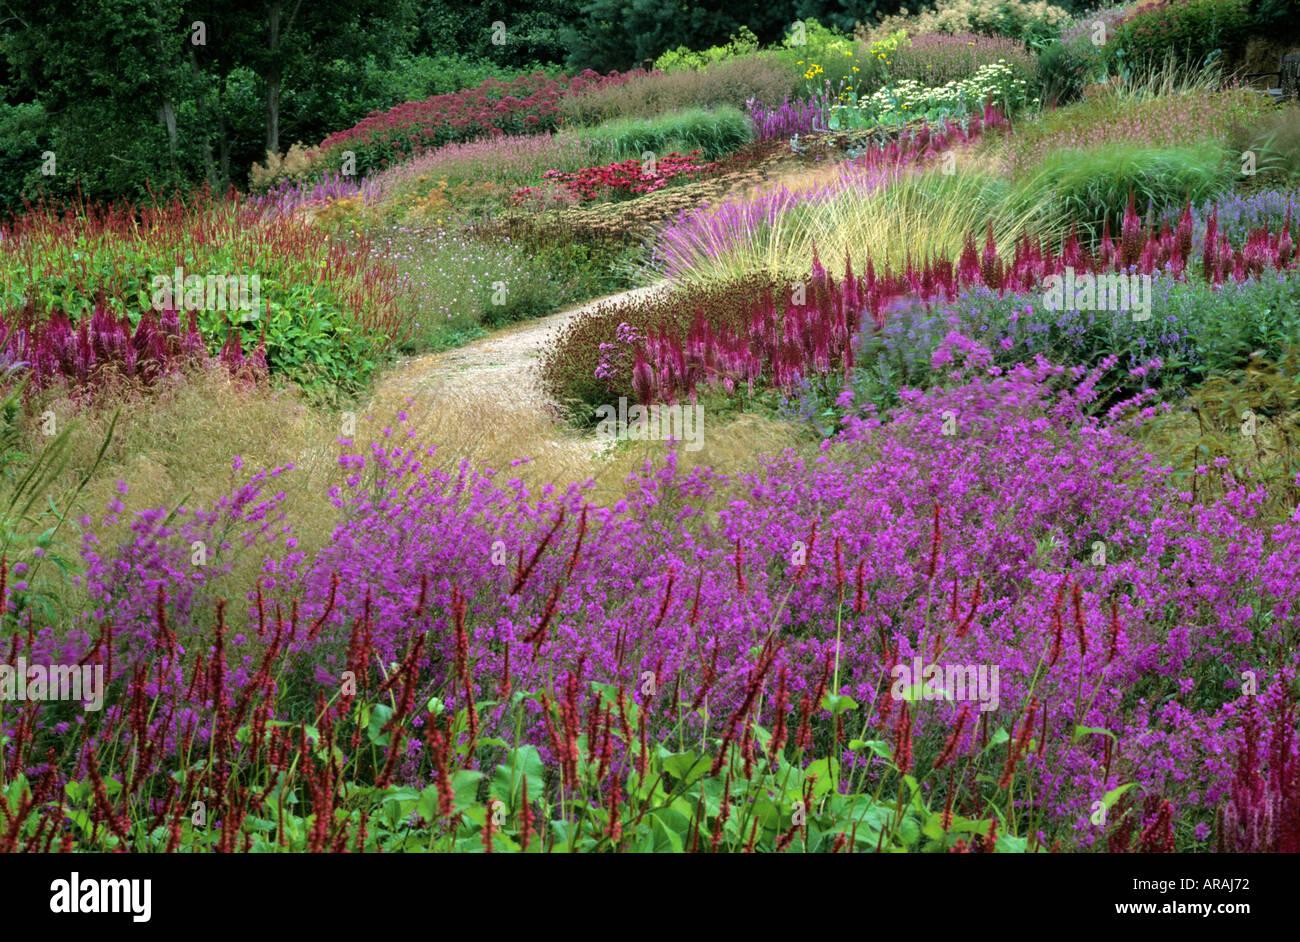 Pensthorpe millennium garden norfolk lythrum persicaria for Planting the natural garden piet oudolf